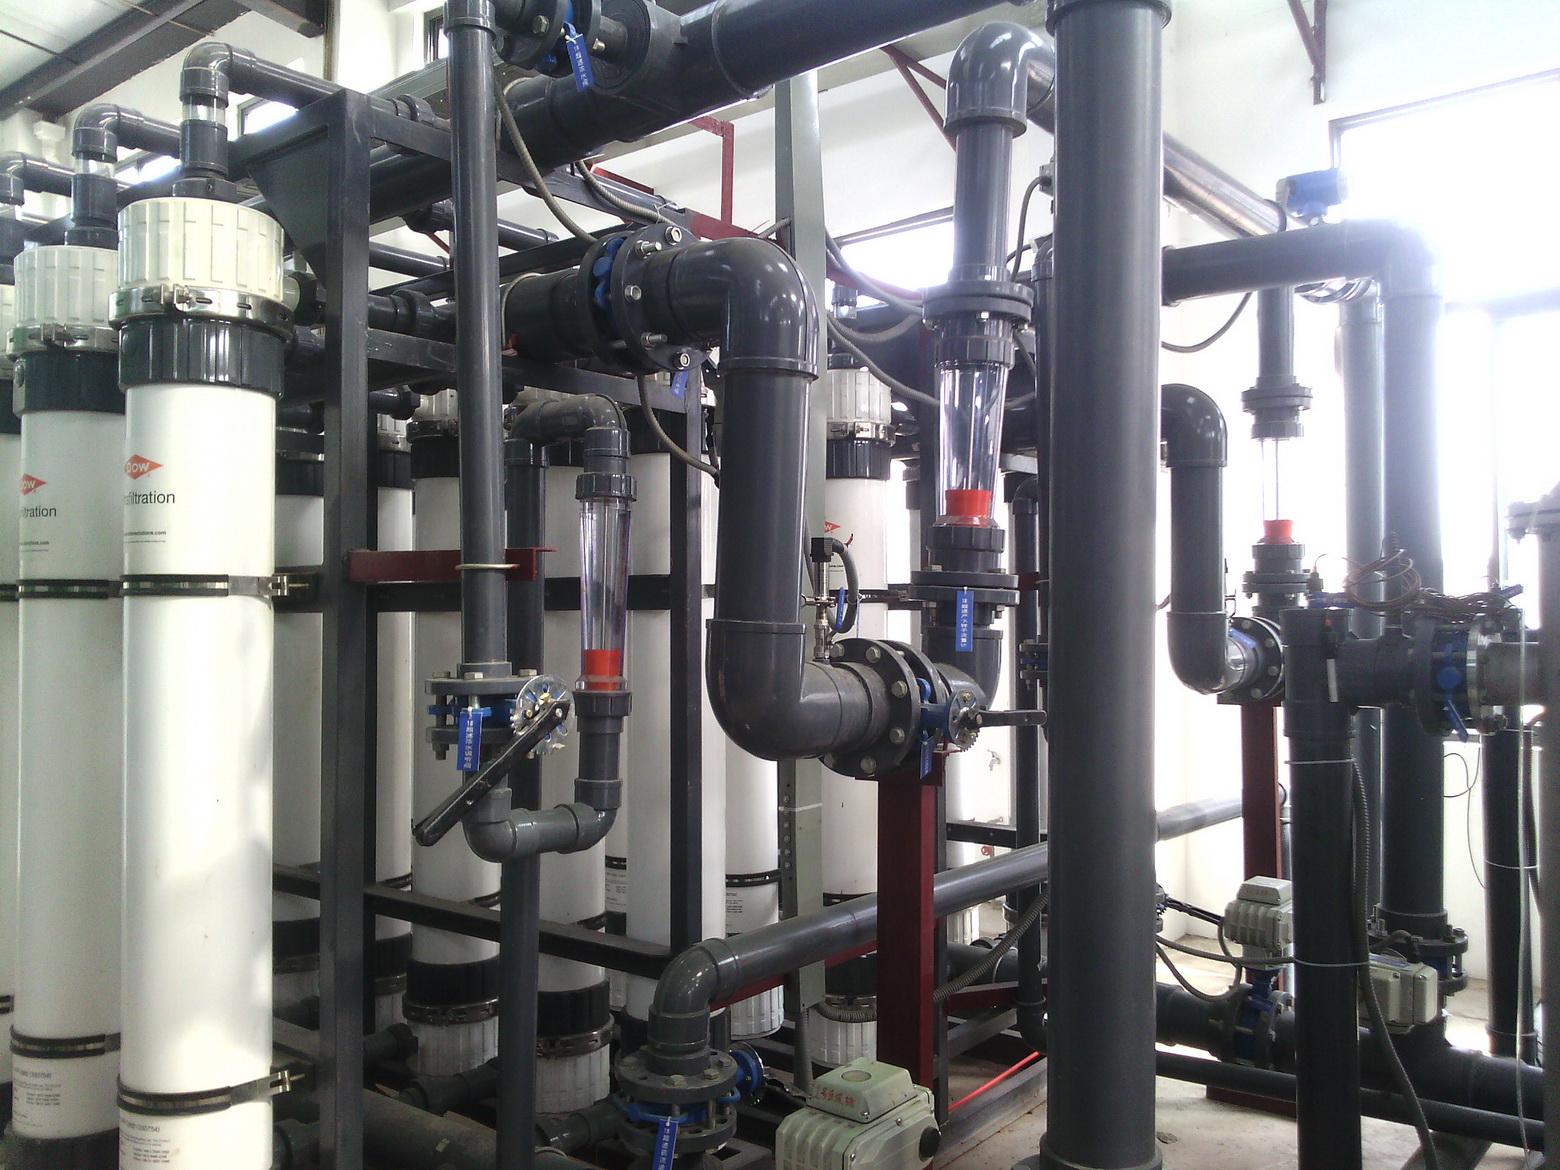 电厂化学水处理系统_电厂 | 工程业绩 | 四川溢阳环保设备技术工程有限公司